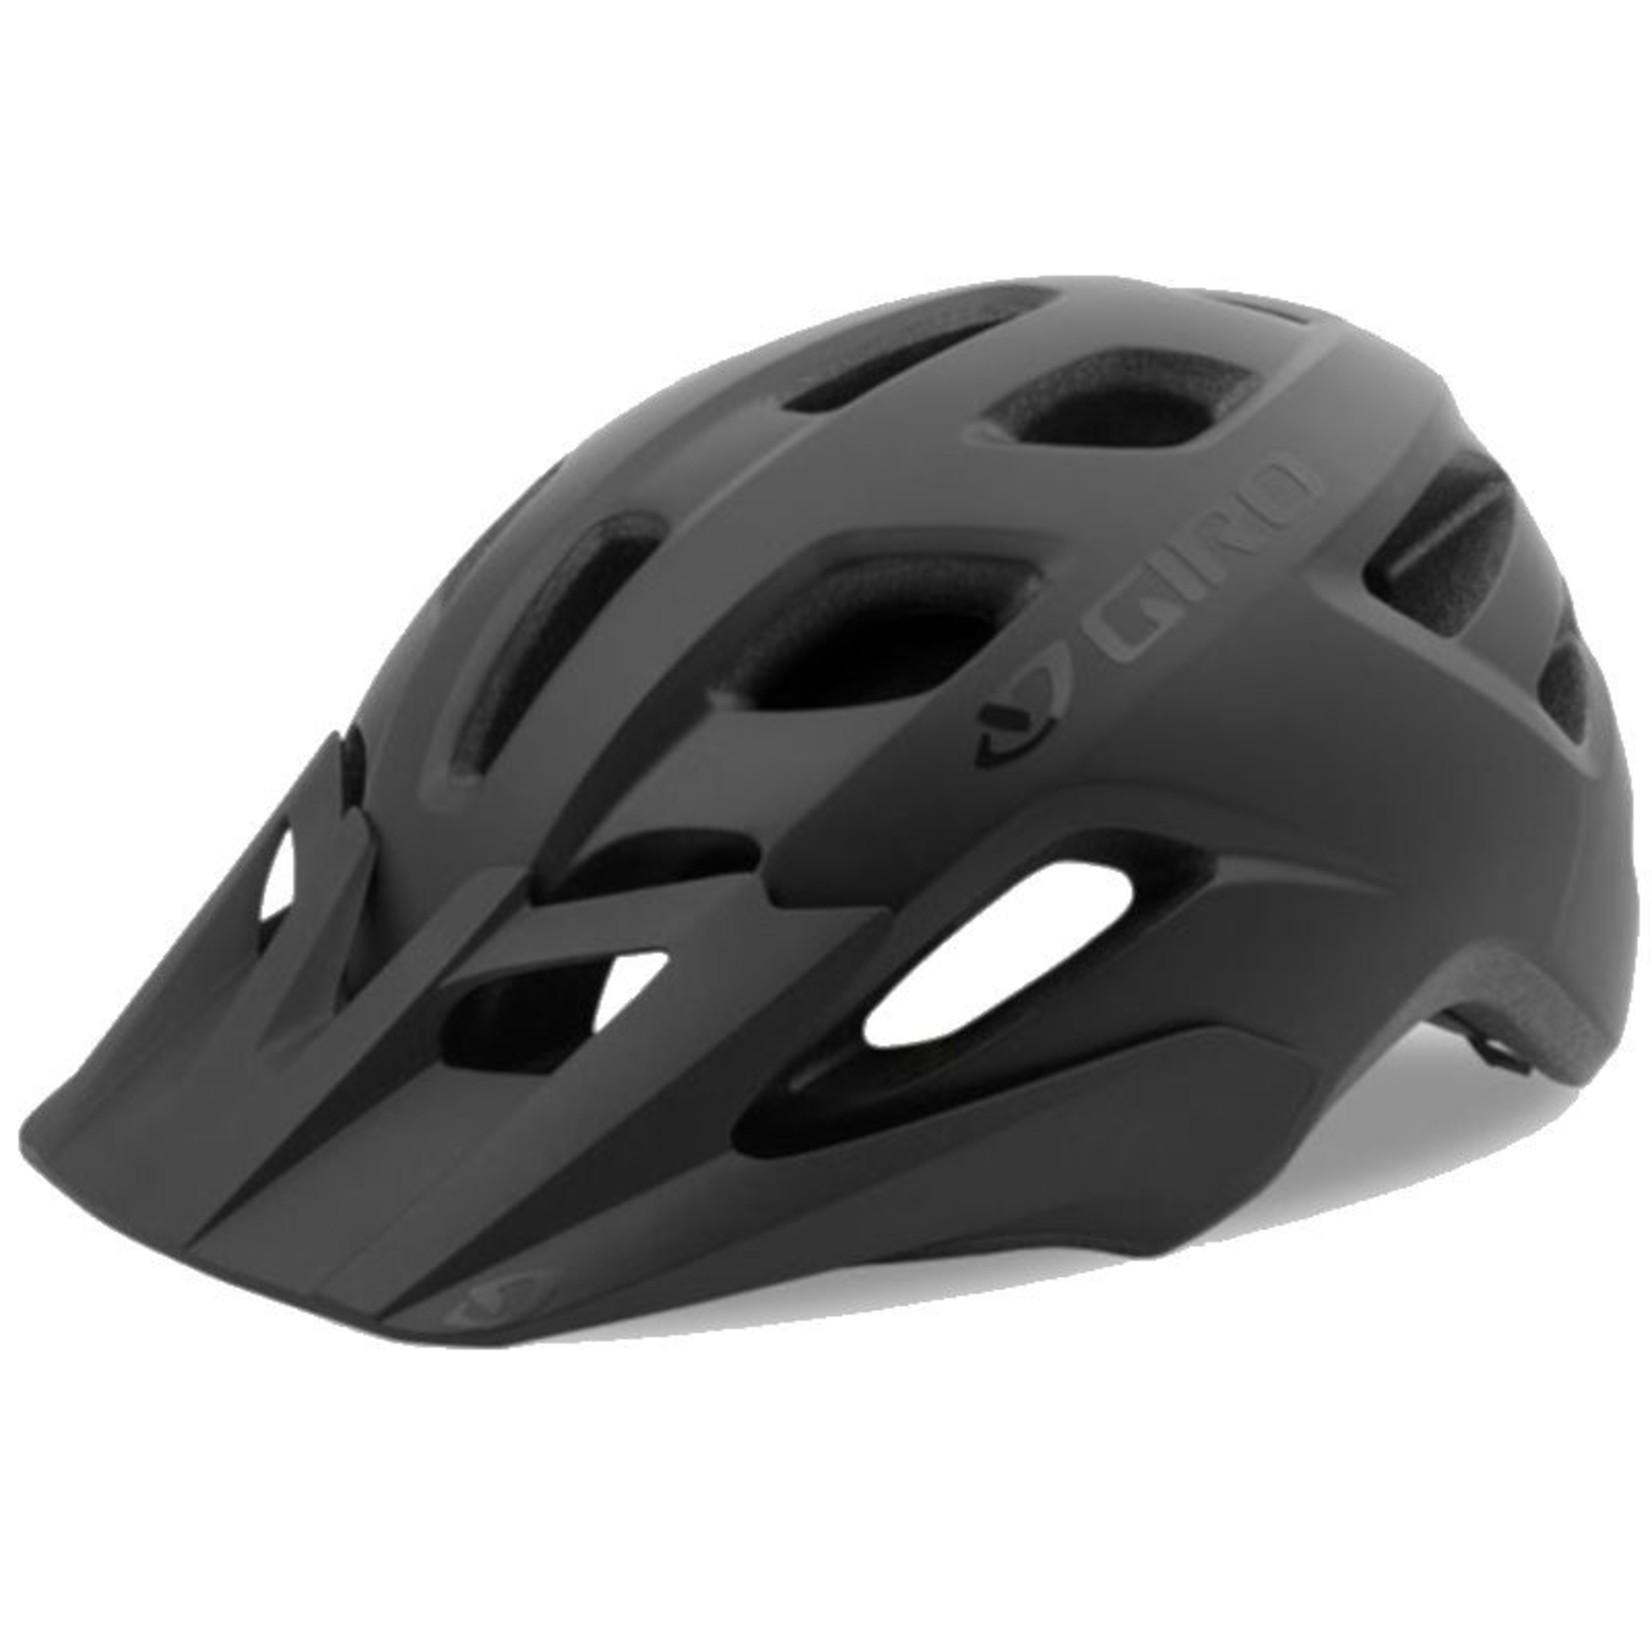 Giro Giro, Helmet Fixture Mips 54-61cm